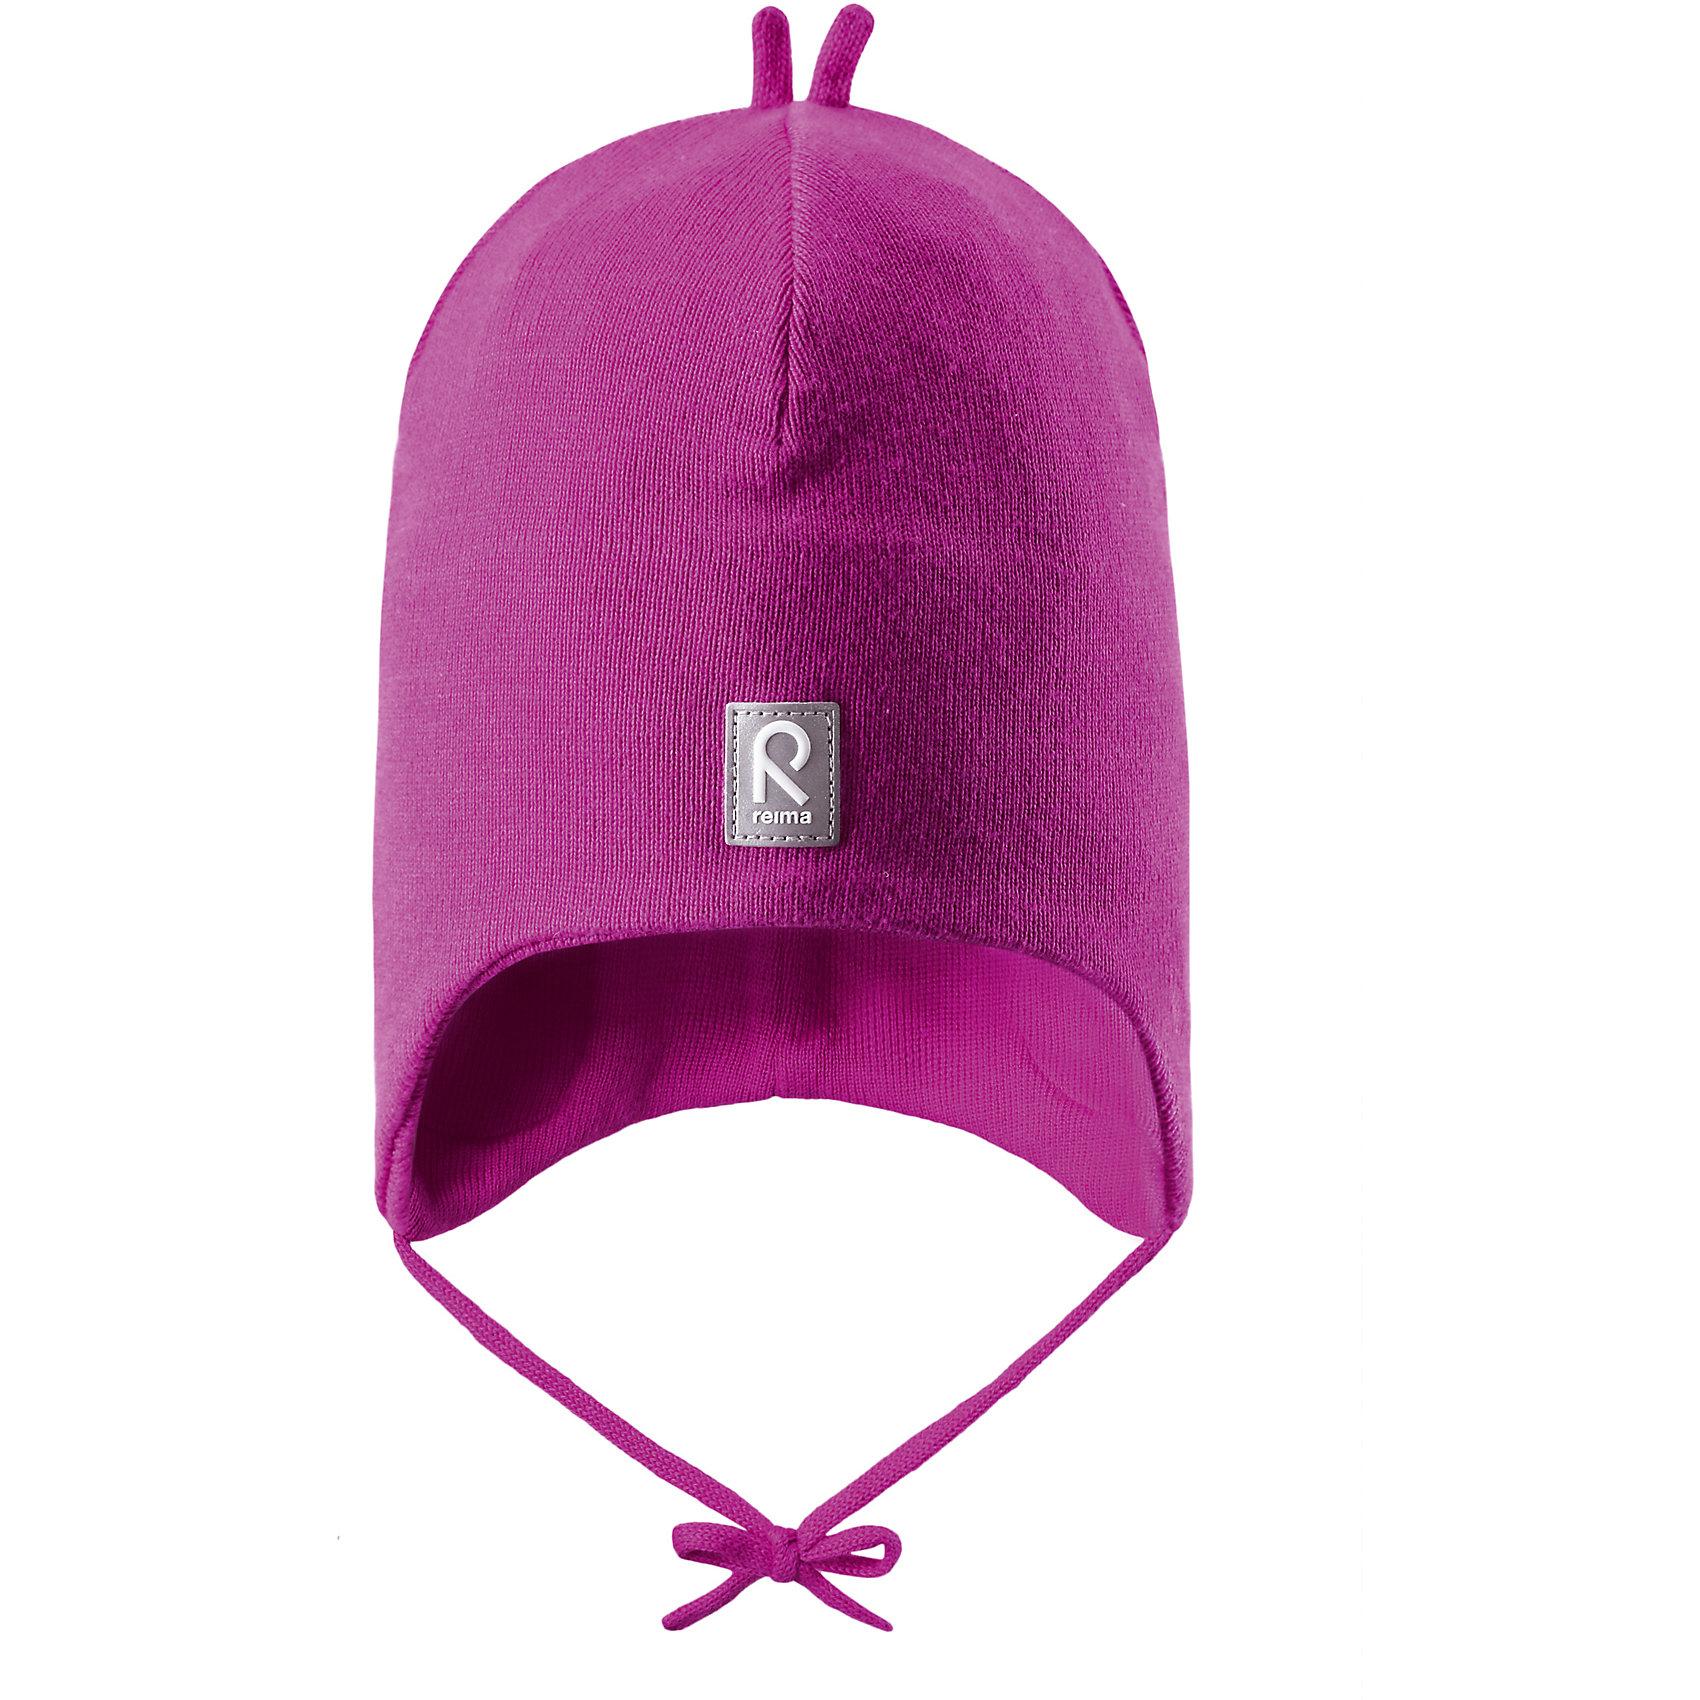 Шапка для девочки ReimaШапки и шарфы<br>Эта вязанная хлопчатобумажная шапочка для малышей подходит на все случаи жизни. Классический дизайн позволяет удачно сочетать ее с различными вариантами одежды. Подкладка на половину головы из хлопчатобумажного трикотажа гарантирует тепло, а ветронепроницаемые вставки между верхним слоем и подкладкой защищают уши. Светоотражающие детали тоже добавят немного безопасности.<br><br>Дополнительная информация:<br><br>Шапка «Бини» для малышей<br>Эластичная хлопчатобумажная ткань<br>Ветронепроницаемые вставки в области ушей<br>Частичная подкладка: хлопчатобумажная ткань<br>Светоотражающий элемент спереди<br>Состав:<br>100% хлопок<br>Уход:<br>Стирать по отдельности, вывернув наизнанку. Придать первоначальную форму вo влажном виде. Возможна усадка 5 %.<br><br>Ширина мм: 89<br>Глубина мм: 117<br>Высота мм: 44<br>Вес г: 155<br>Цвет: розовый<br>Возраст от месяцев: 9<br>Возраст до месяцев: 12<br>Пол: Женский<br>Возраст: Детский<br>Размер: 46,52,50,48<br>SKU: 4496935